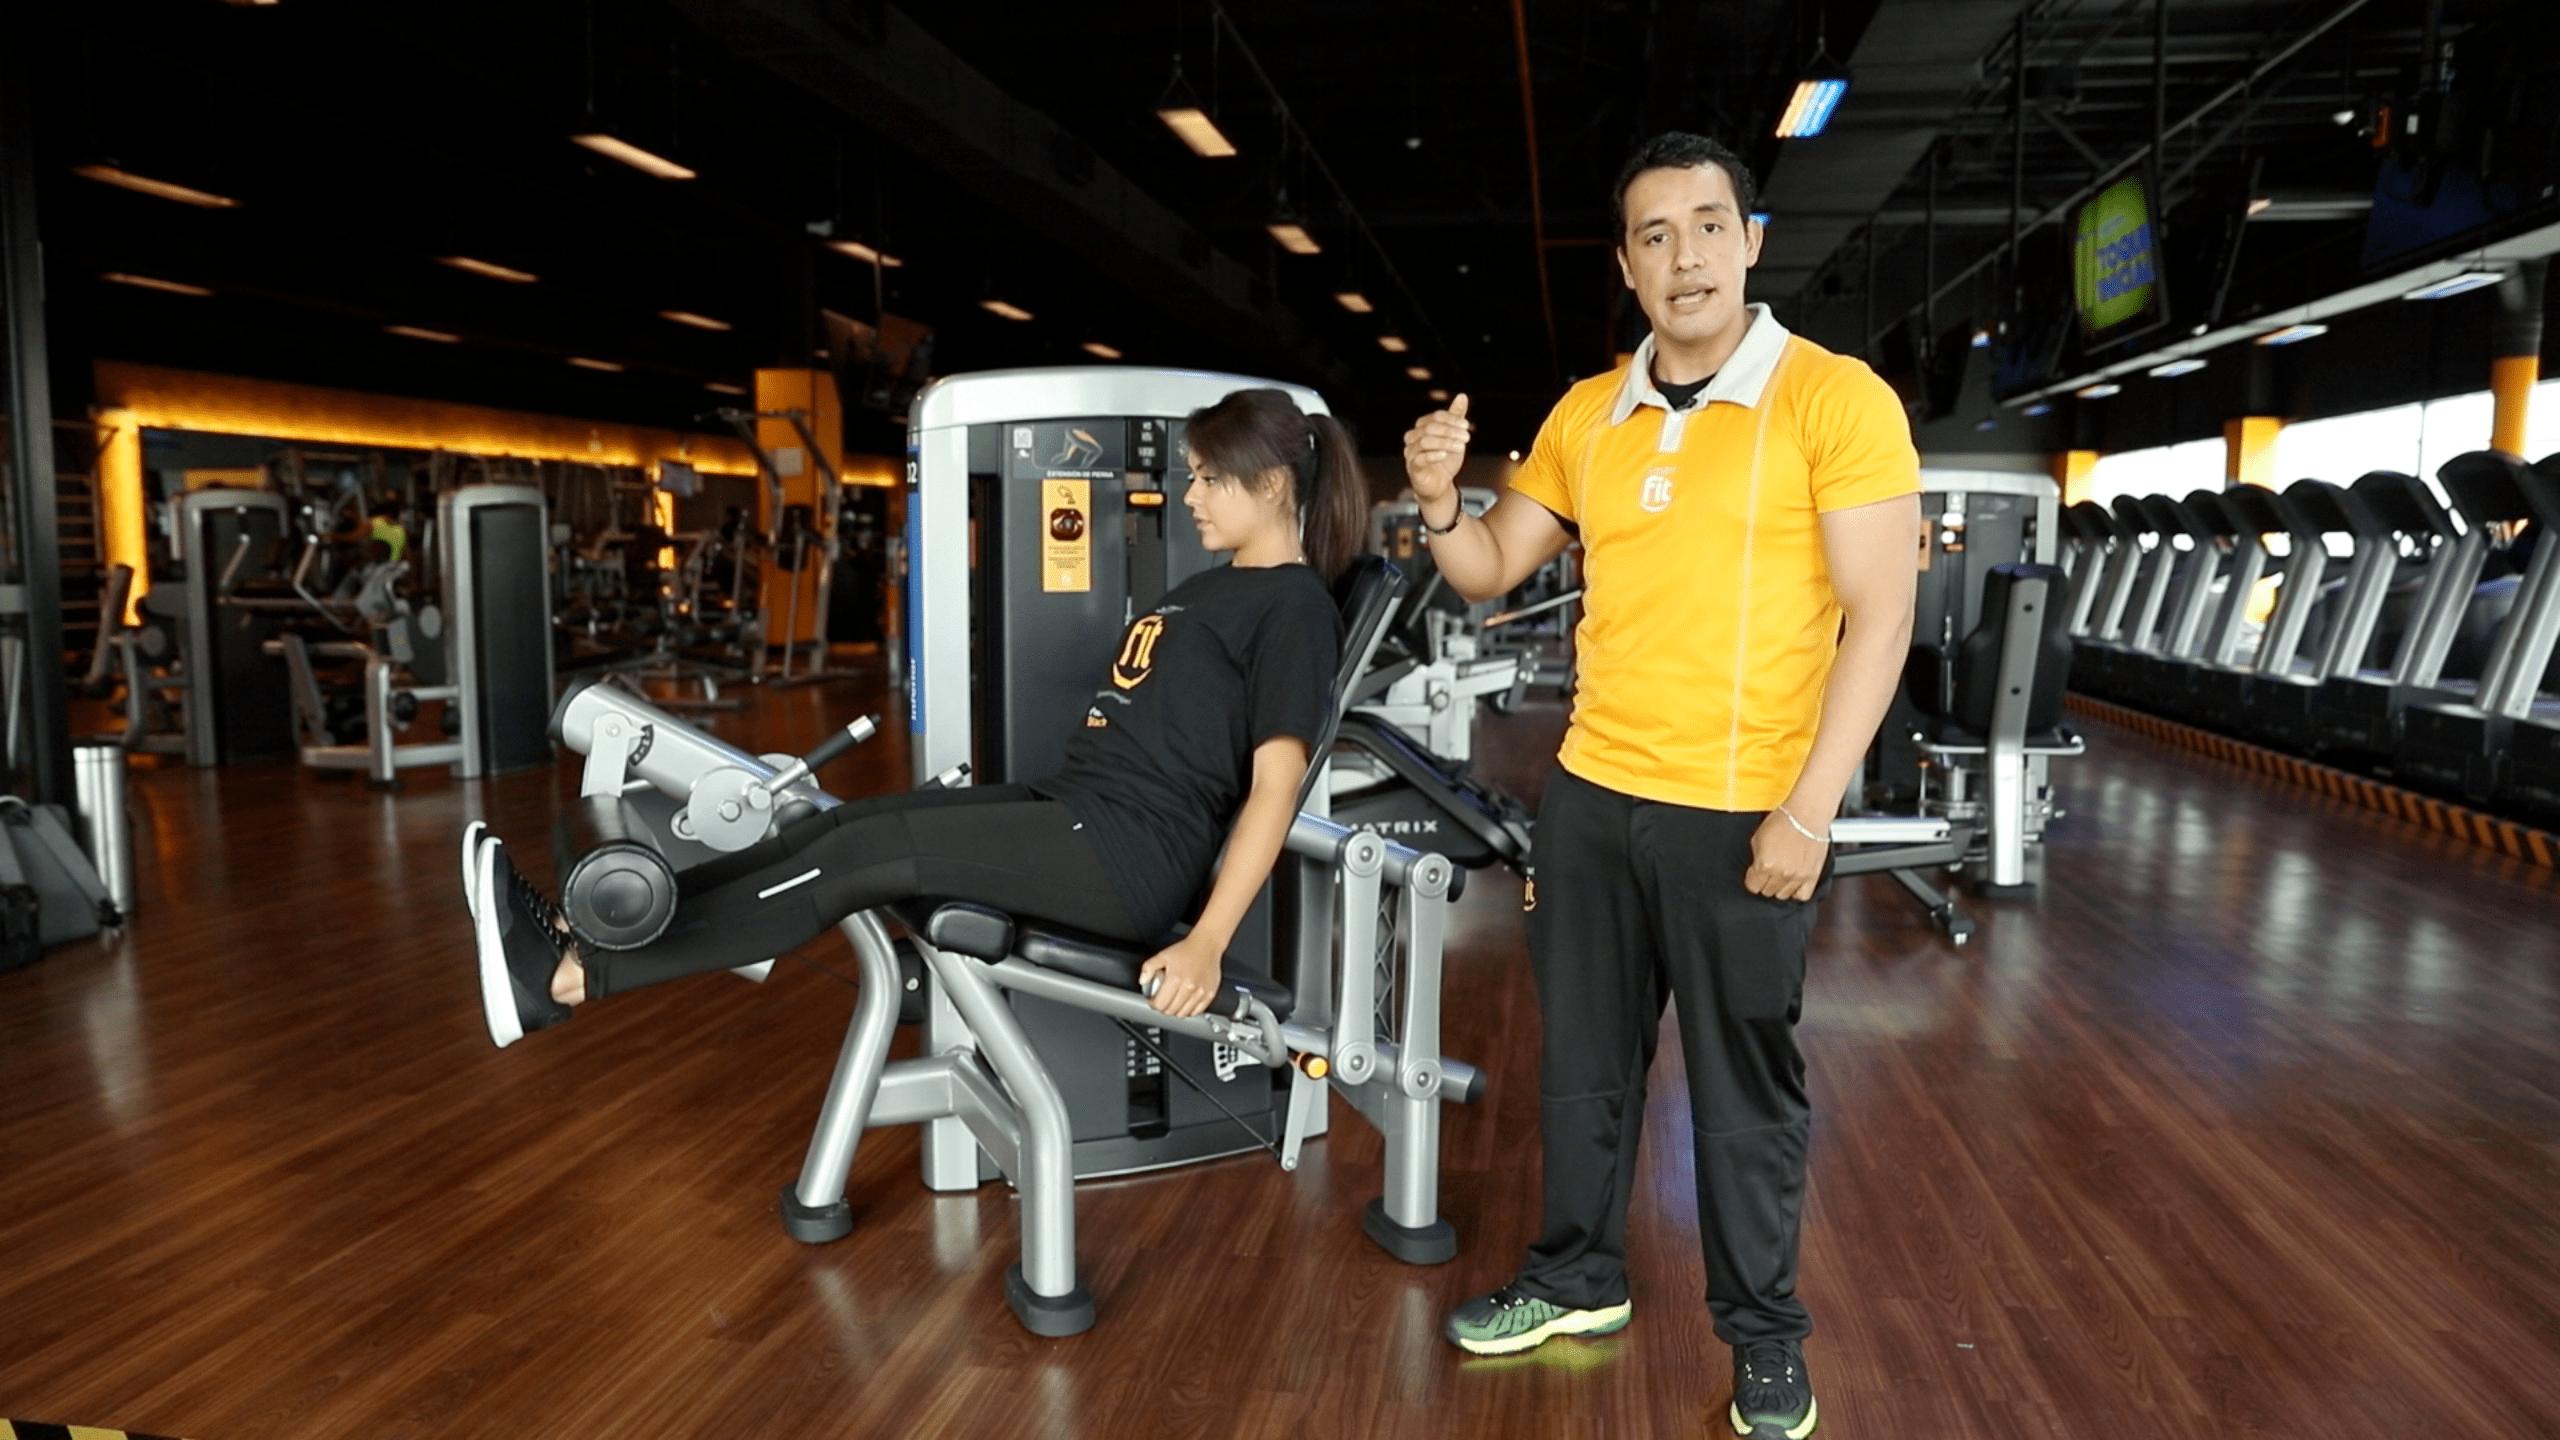 Extensión de cuádriceps, una manera de aumentar el músculo